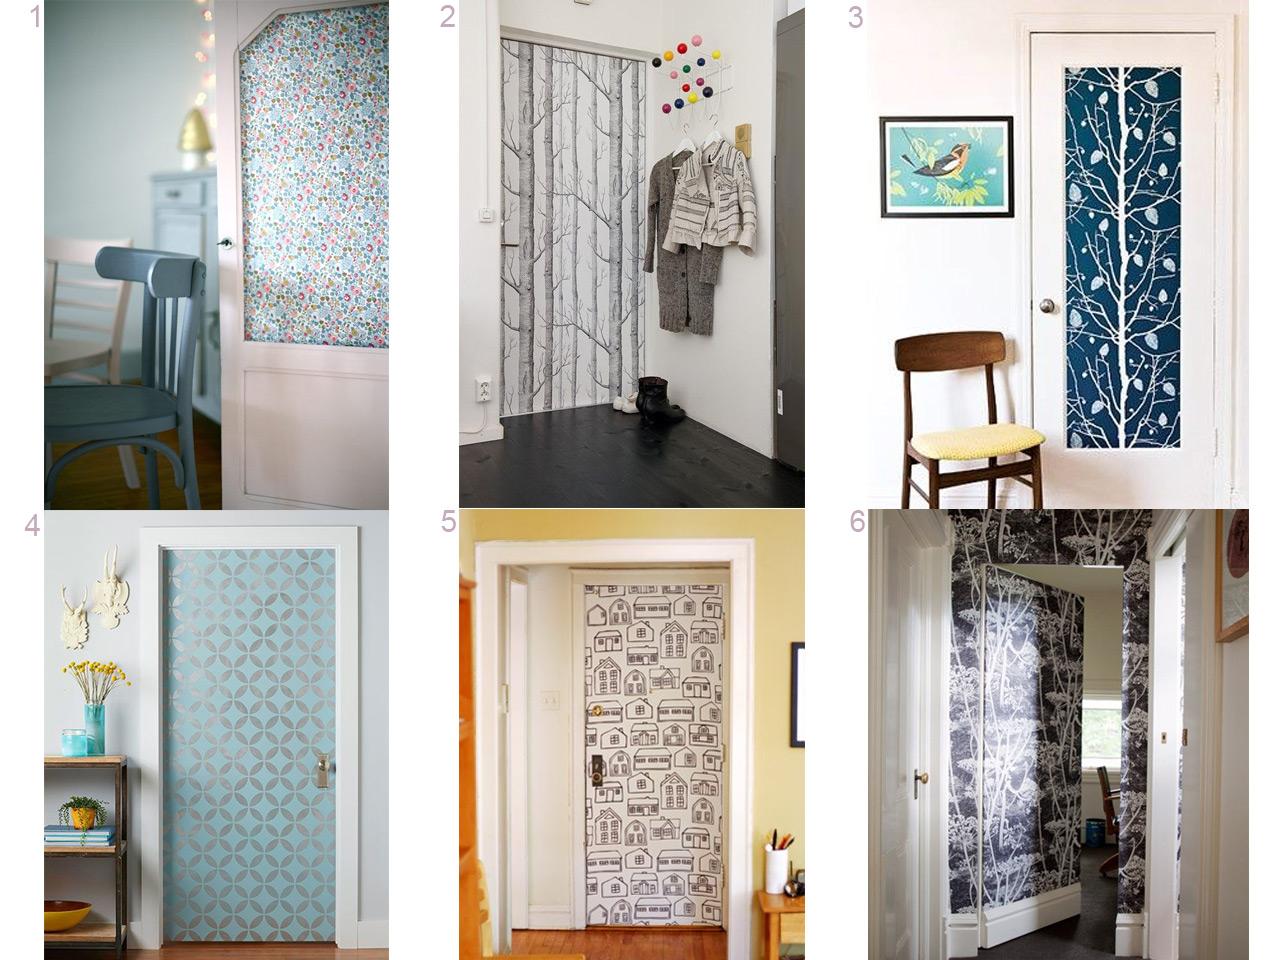 Propuestas diferentes para decorar con papel pintado - Papel decorativo para paredes ...